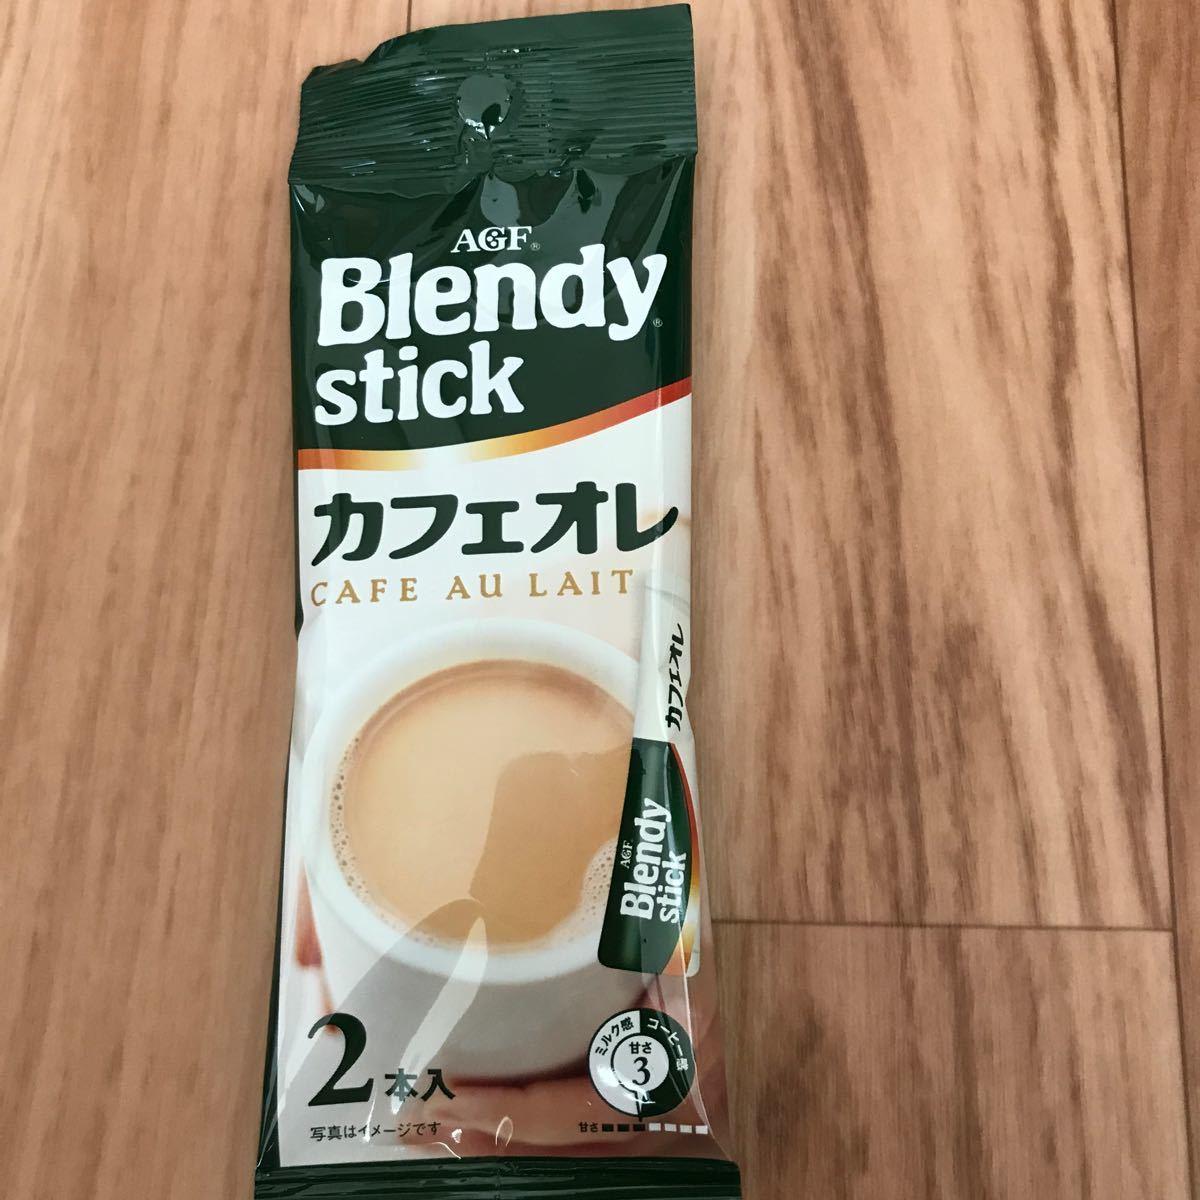 ブレンディ スティック カフェオレ ココアオレ